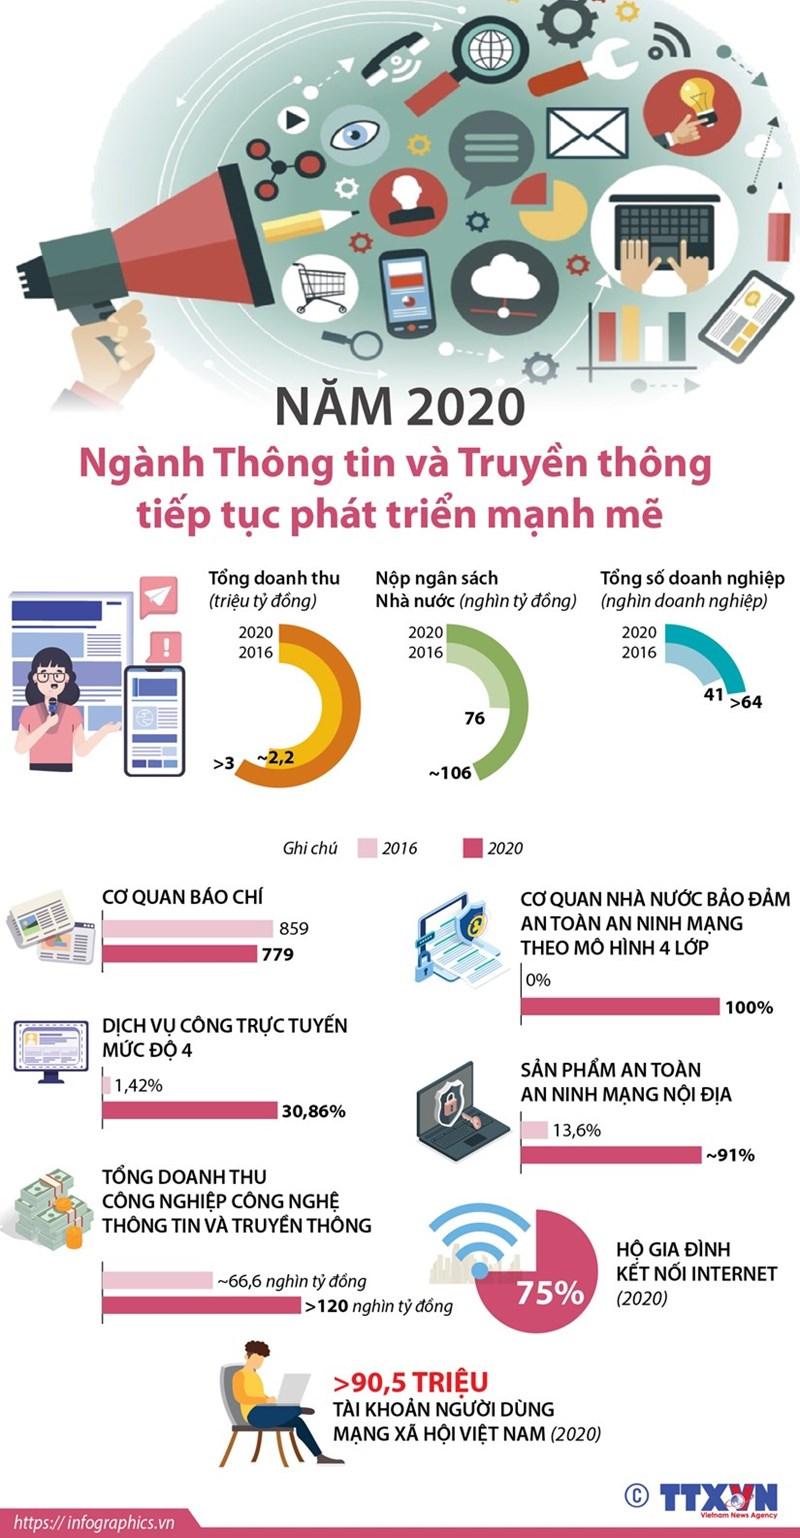 [Infographics] Ngành Thông tin và Truyền thông phát triển mạnh mẽ - Ảnh 1